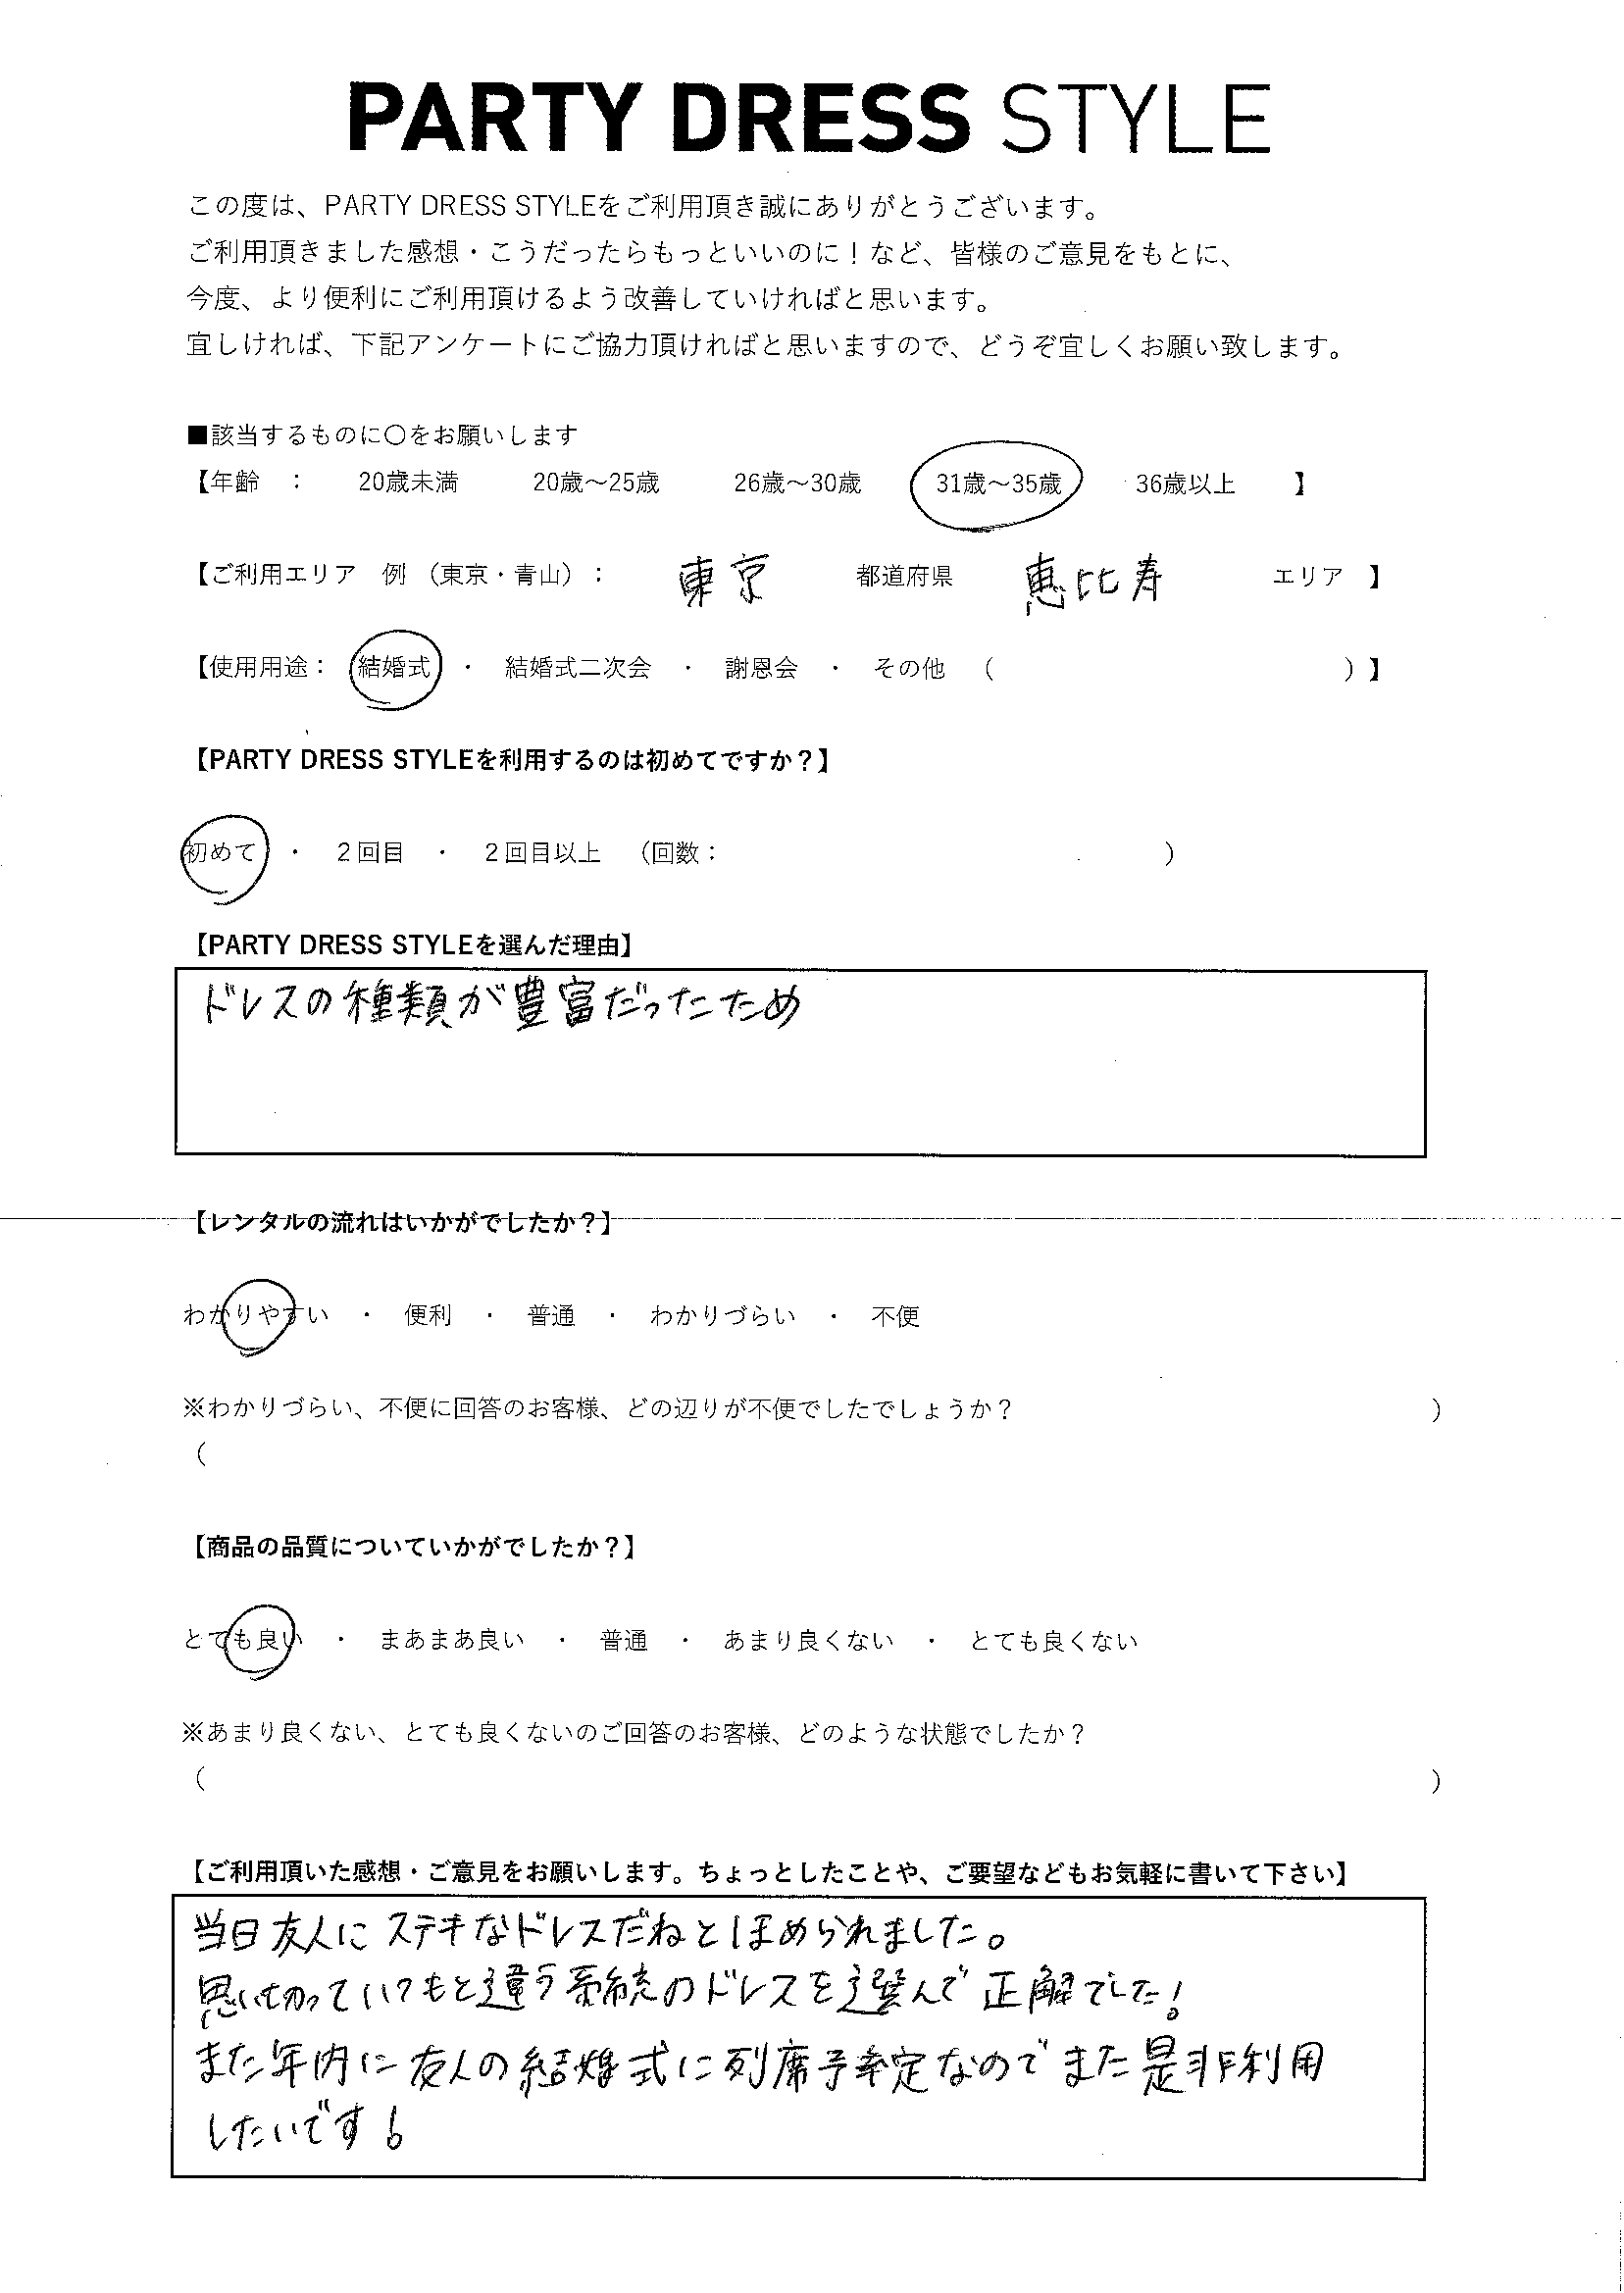 7/27結婚式 東京都・恵比寿エリア